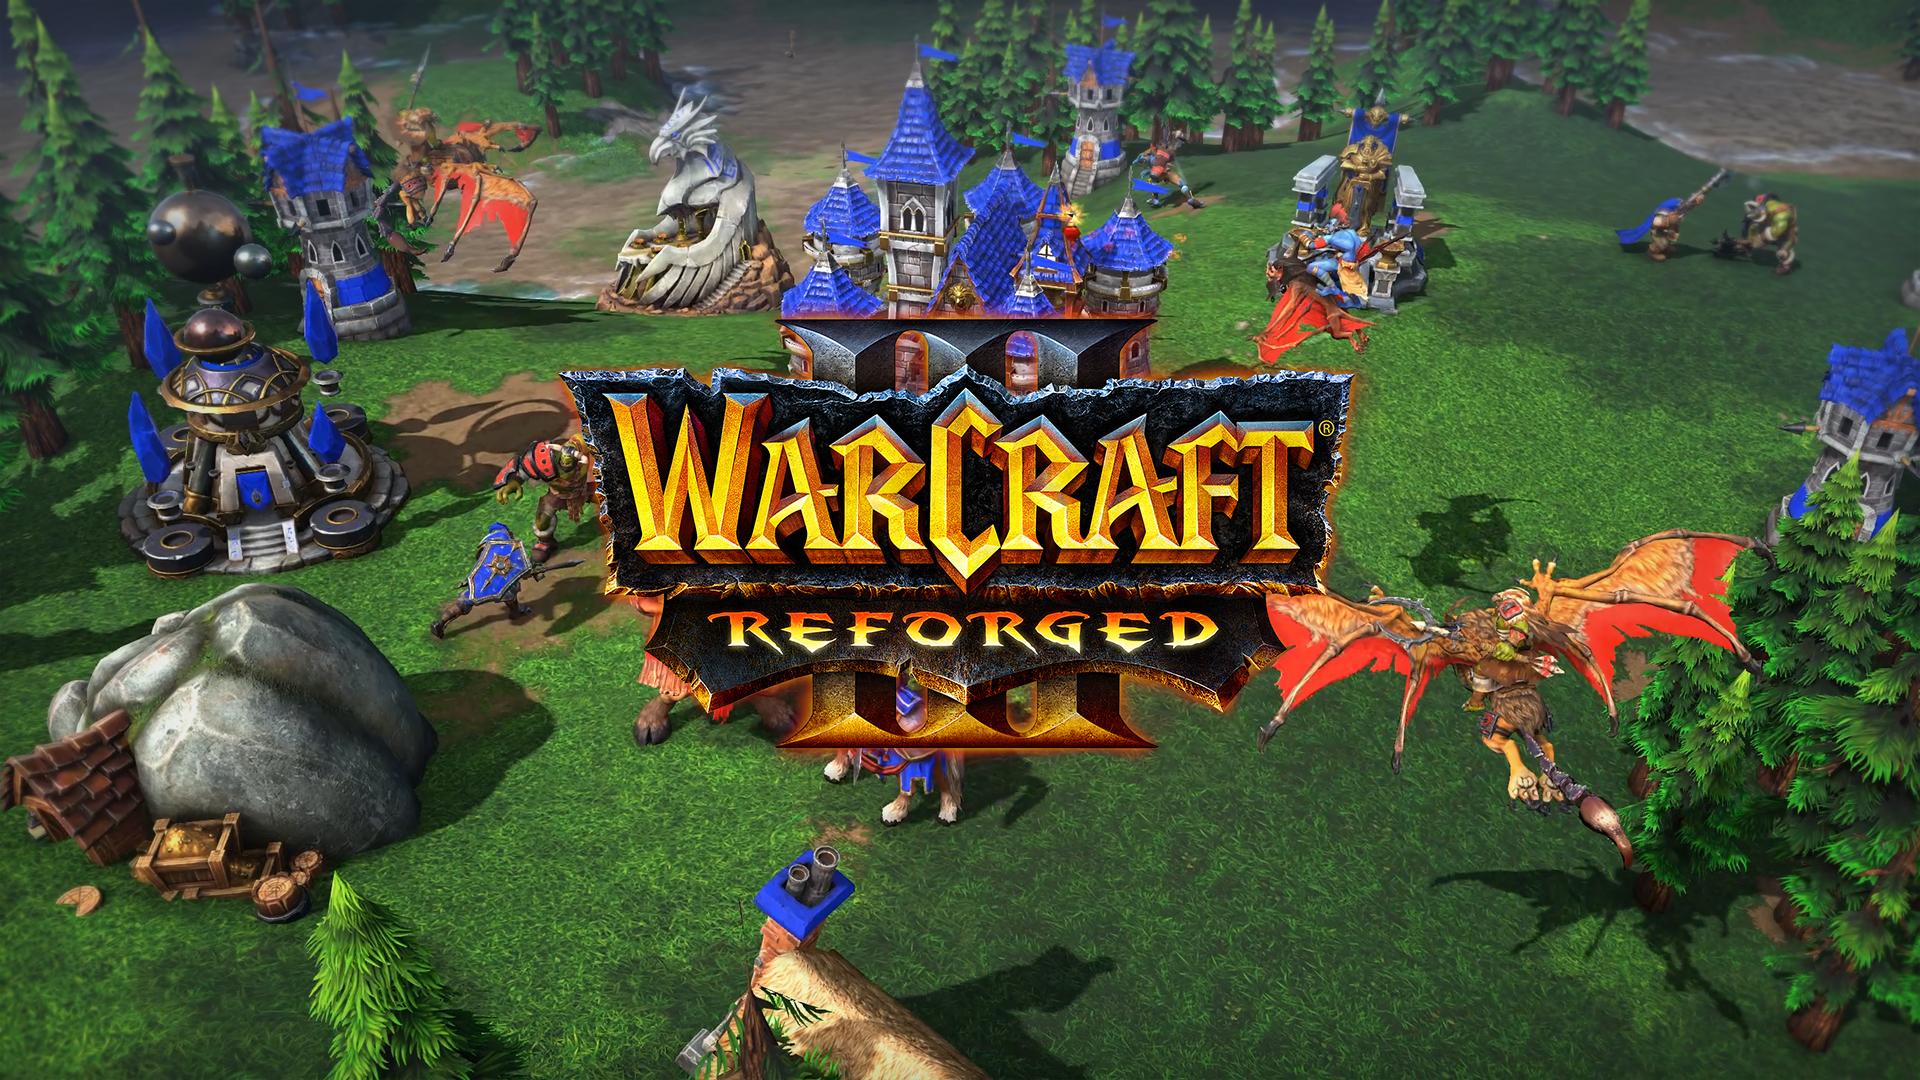 Con  Warcraft III: Reforged, Blizzard se enfrenta a la comunidad de modders para evitar otro DOTA